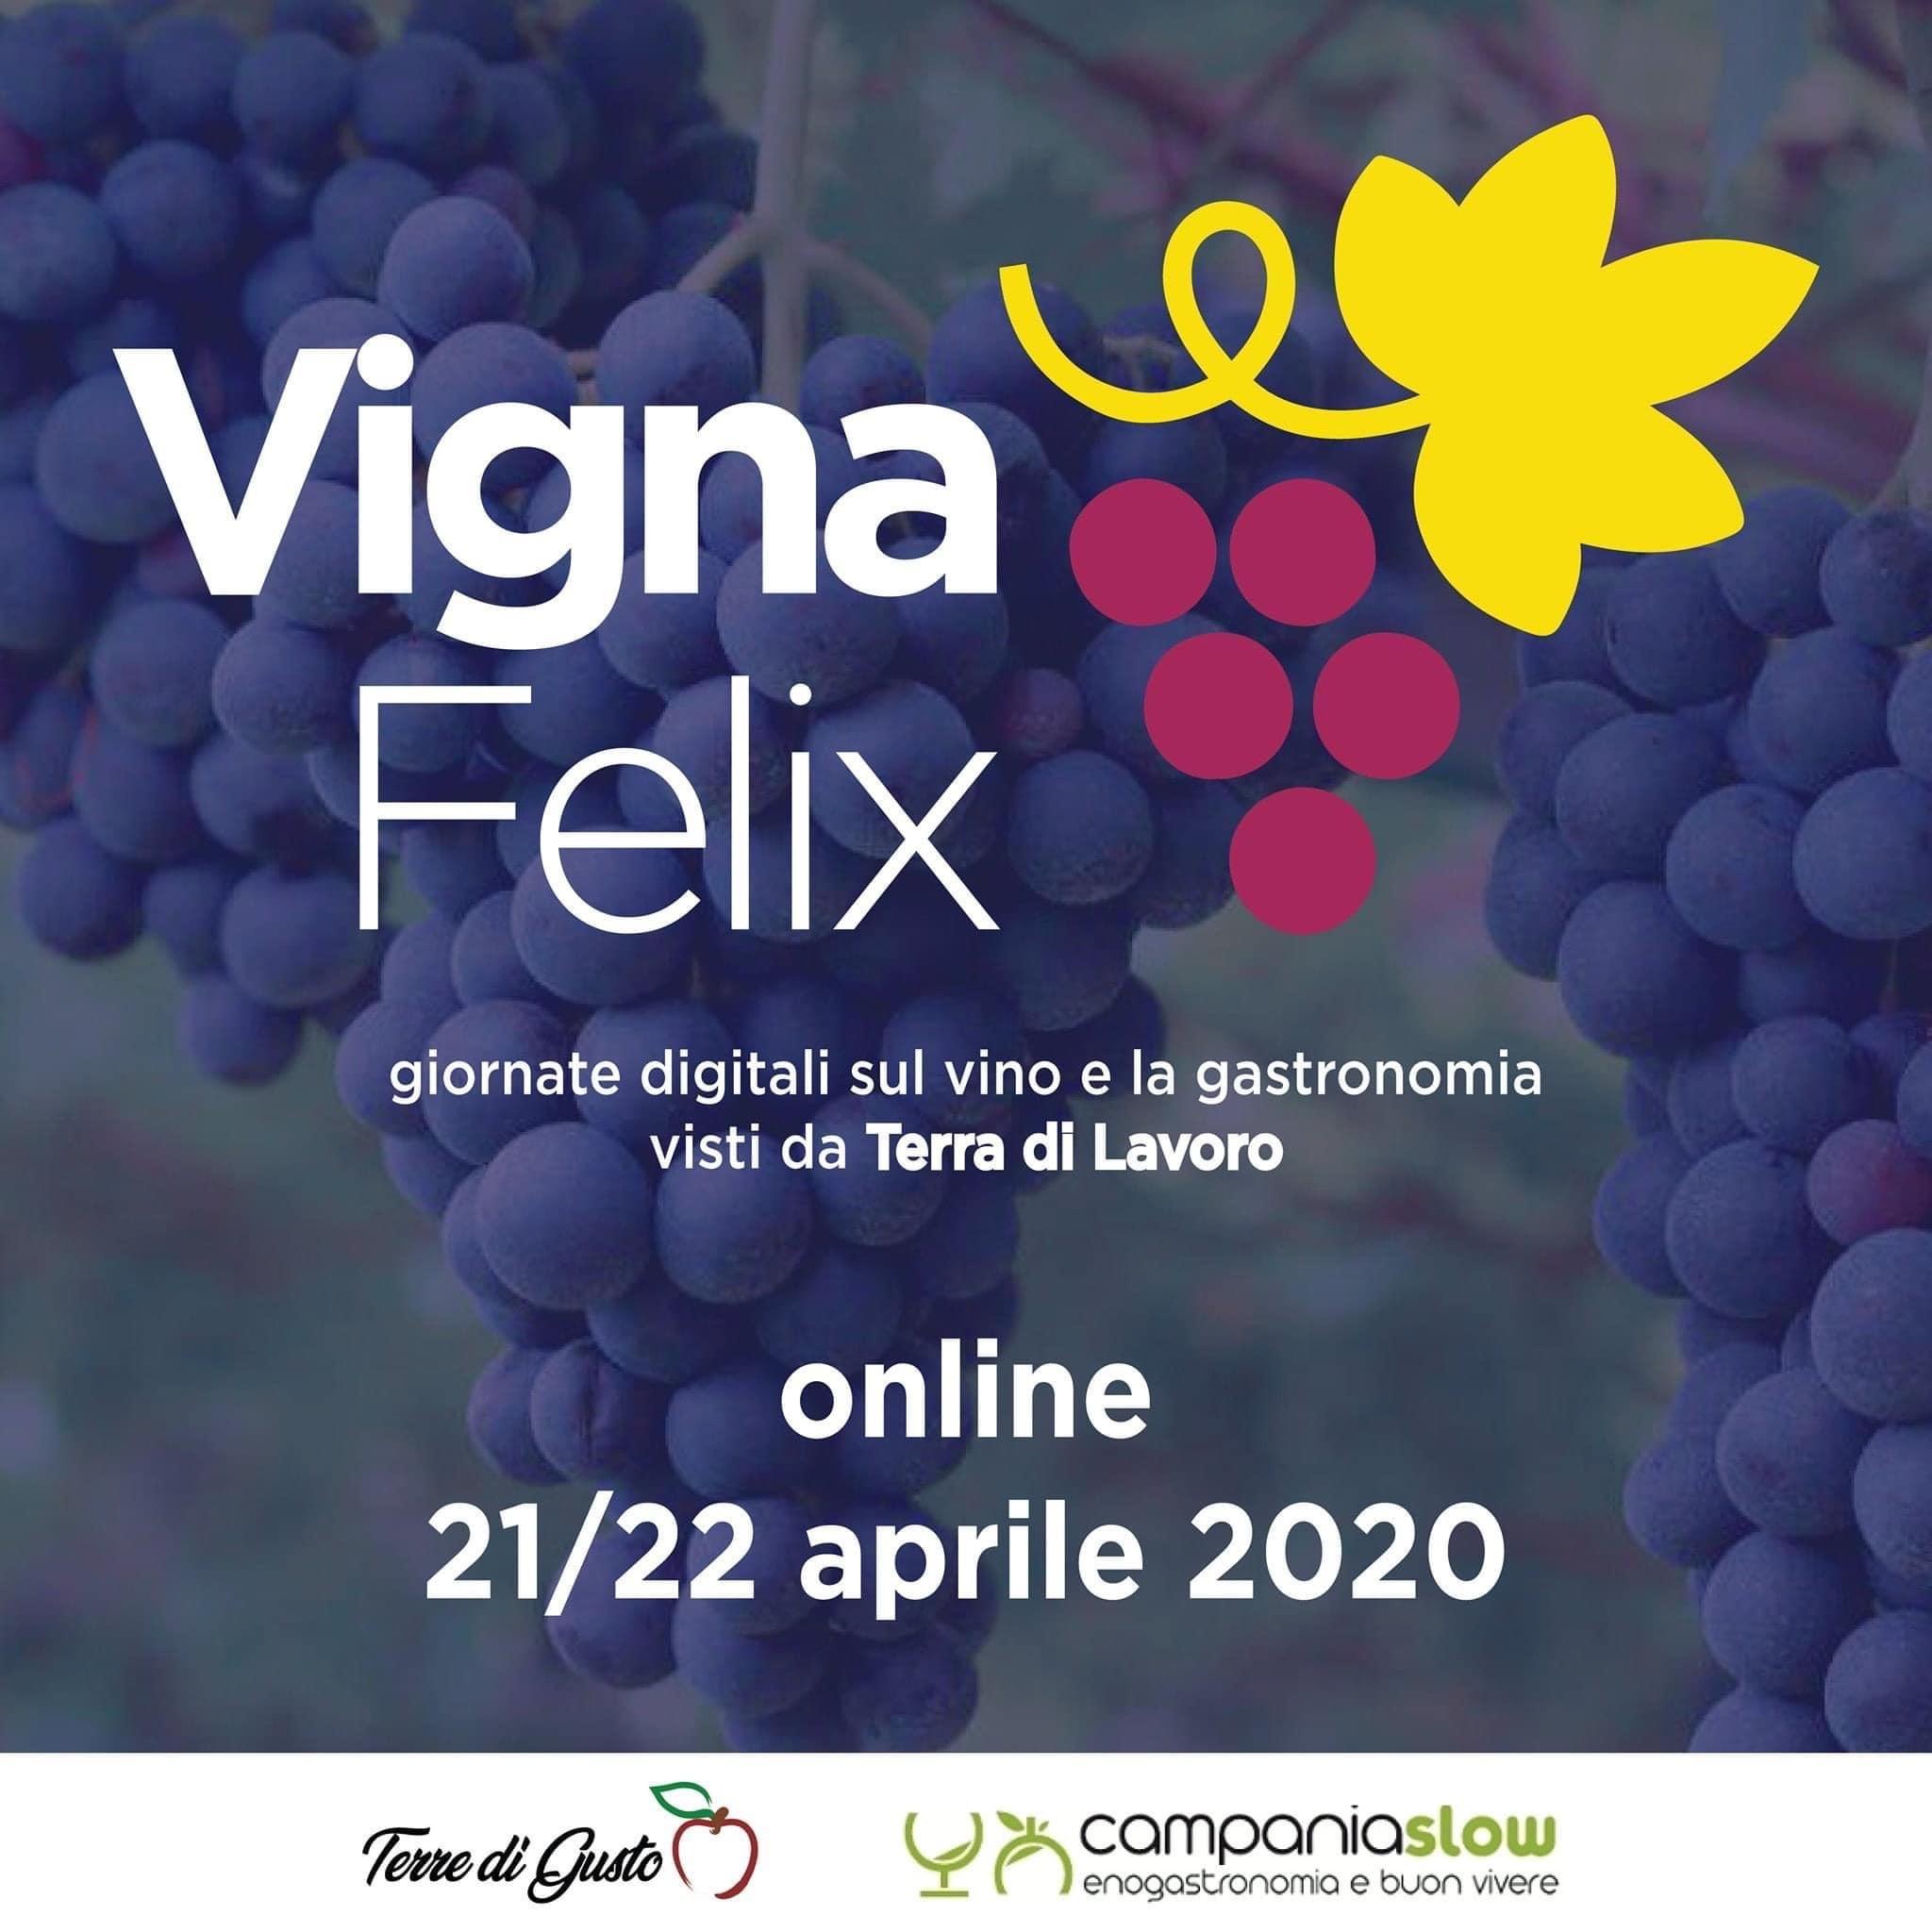 Domani Vignafelix, discutere di Vino, ristorazione, turismo enogastronomico al tempo di Covid